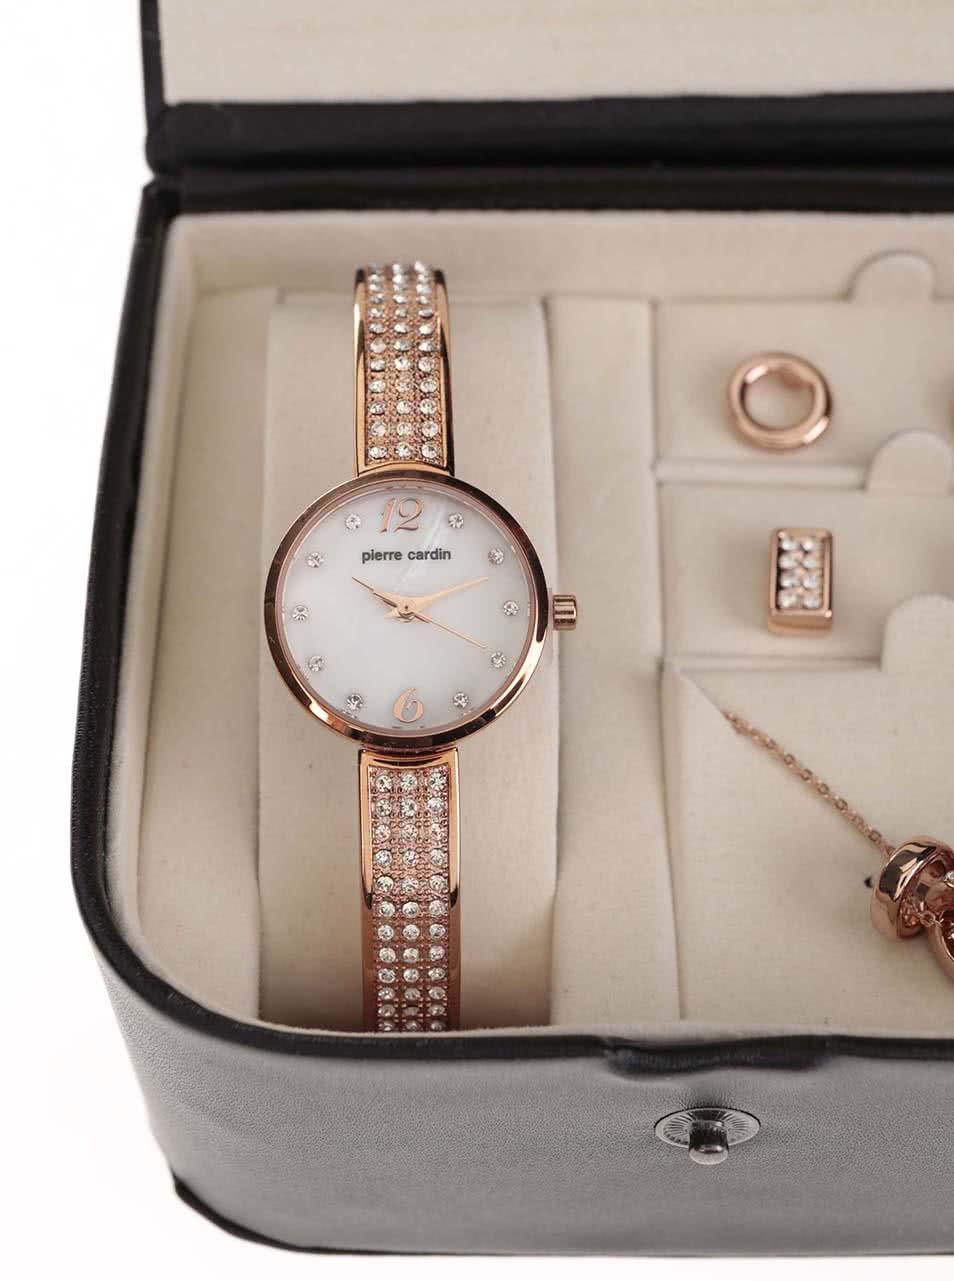 Růžový set hodinek a bižuterie v černé kazetě Pierre Cardin ... 9fe6e80e49